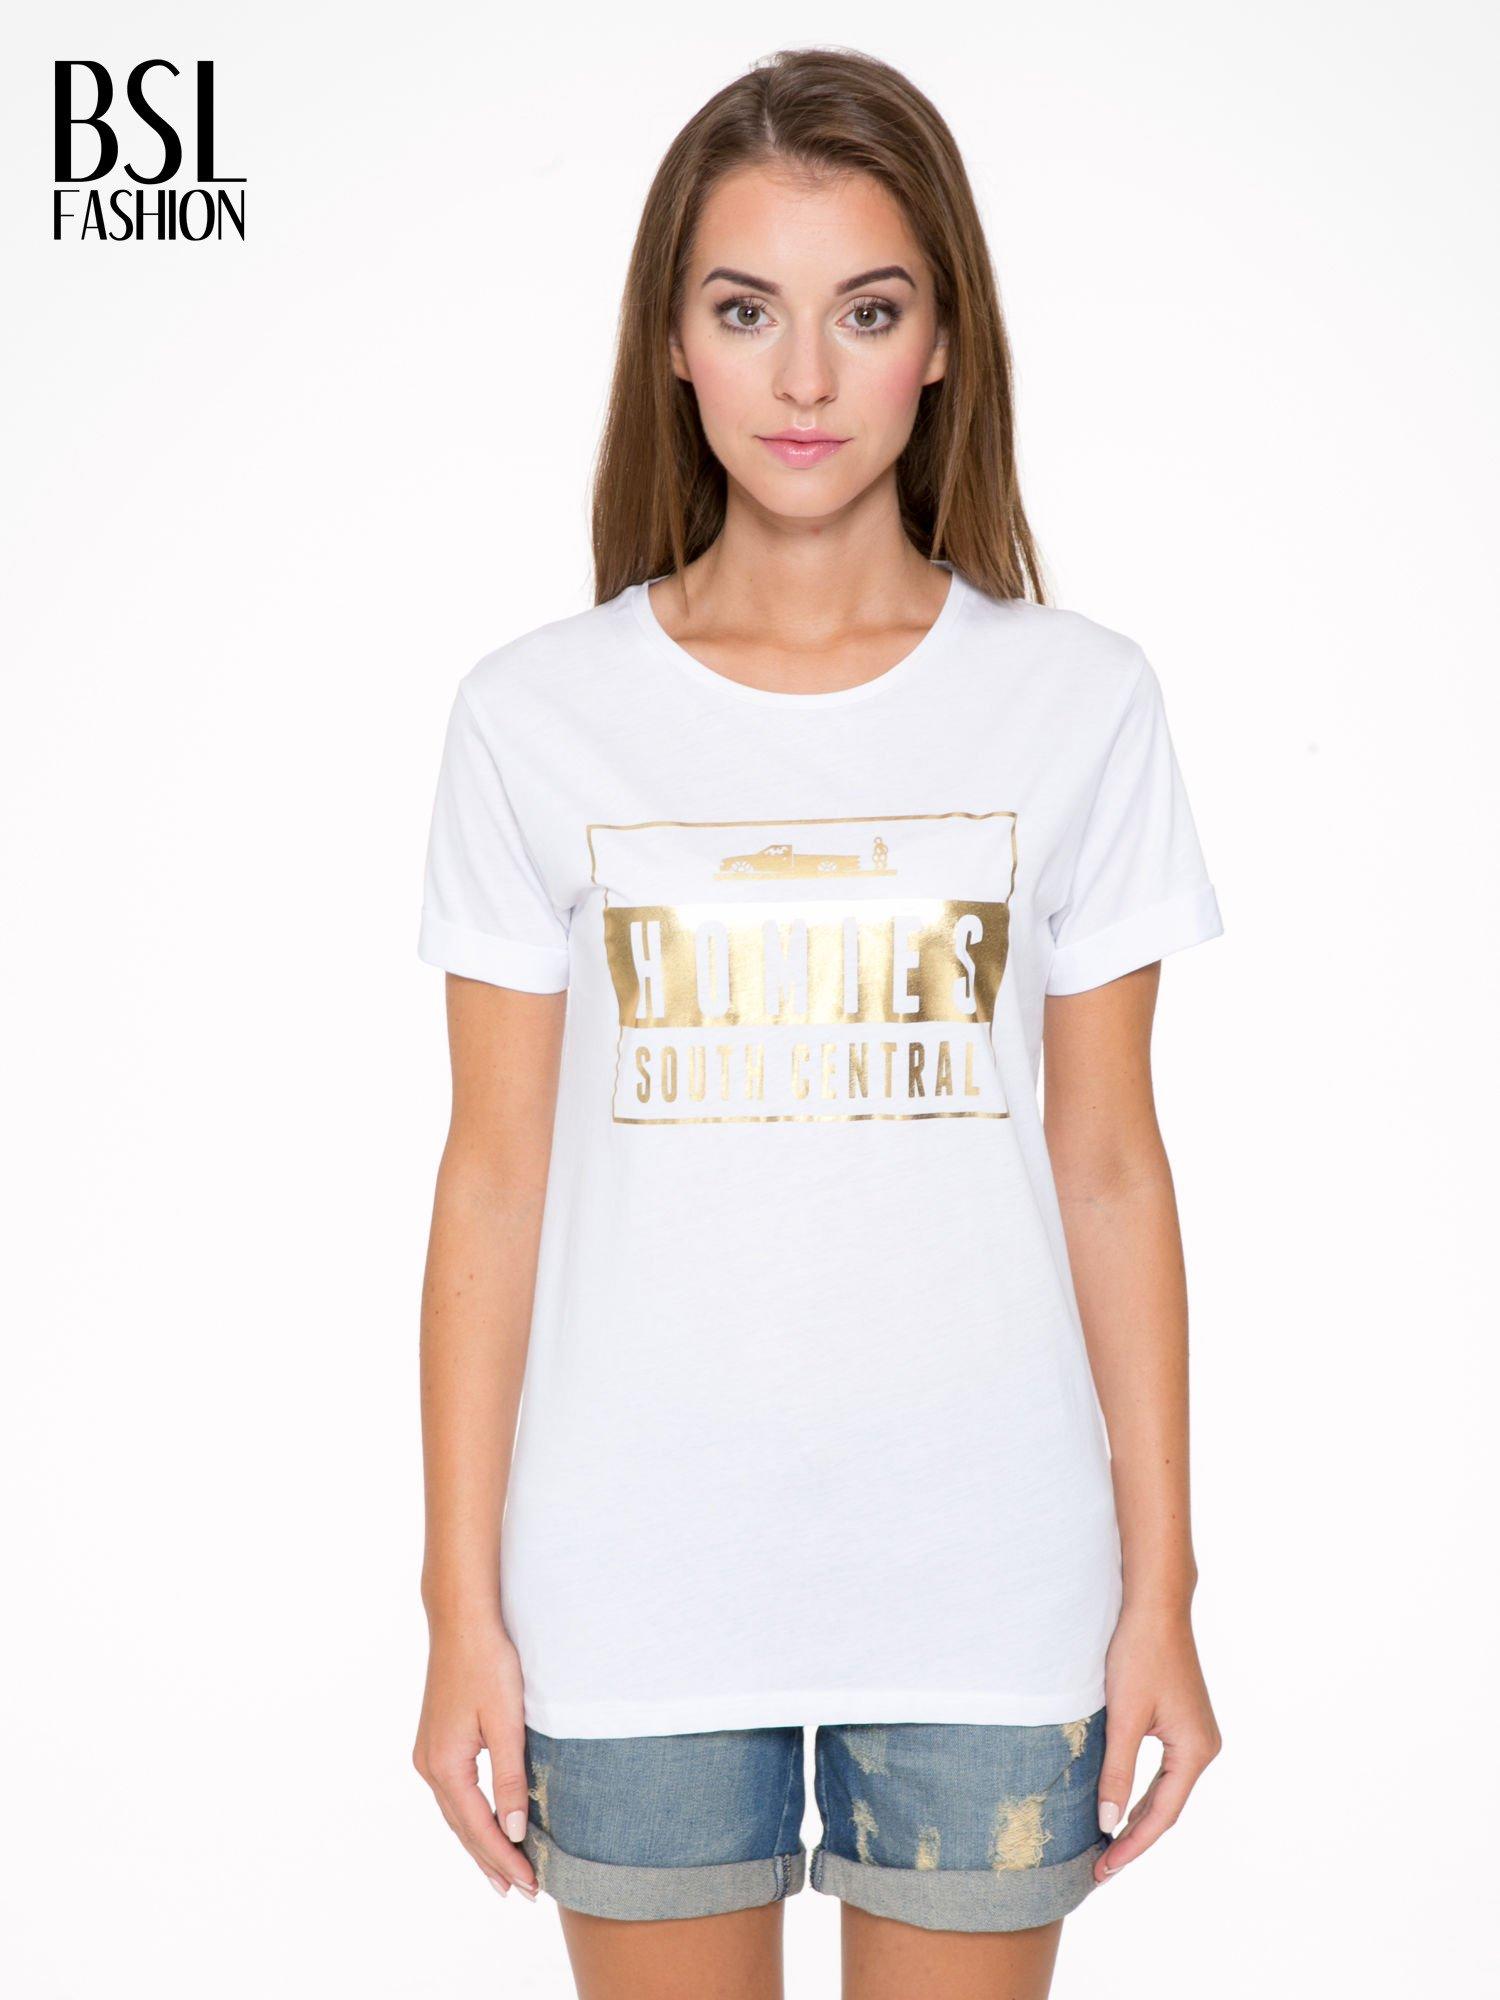 Biały t-shirt ze złotym napisem HOMIES SOUTH CENTRAL                                  zdj.                                  1